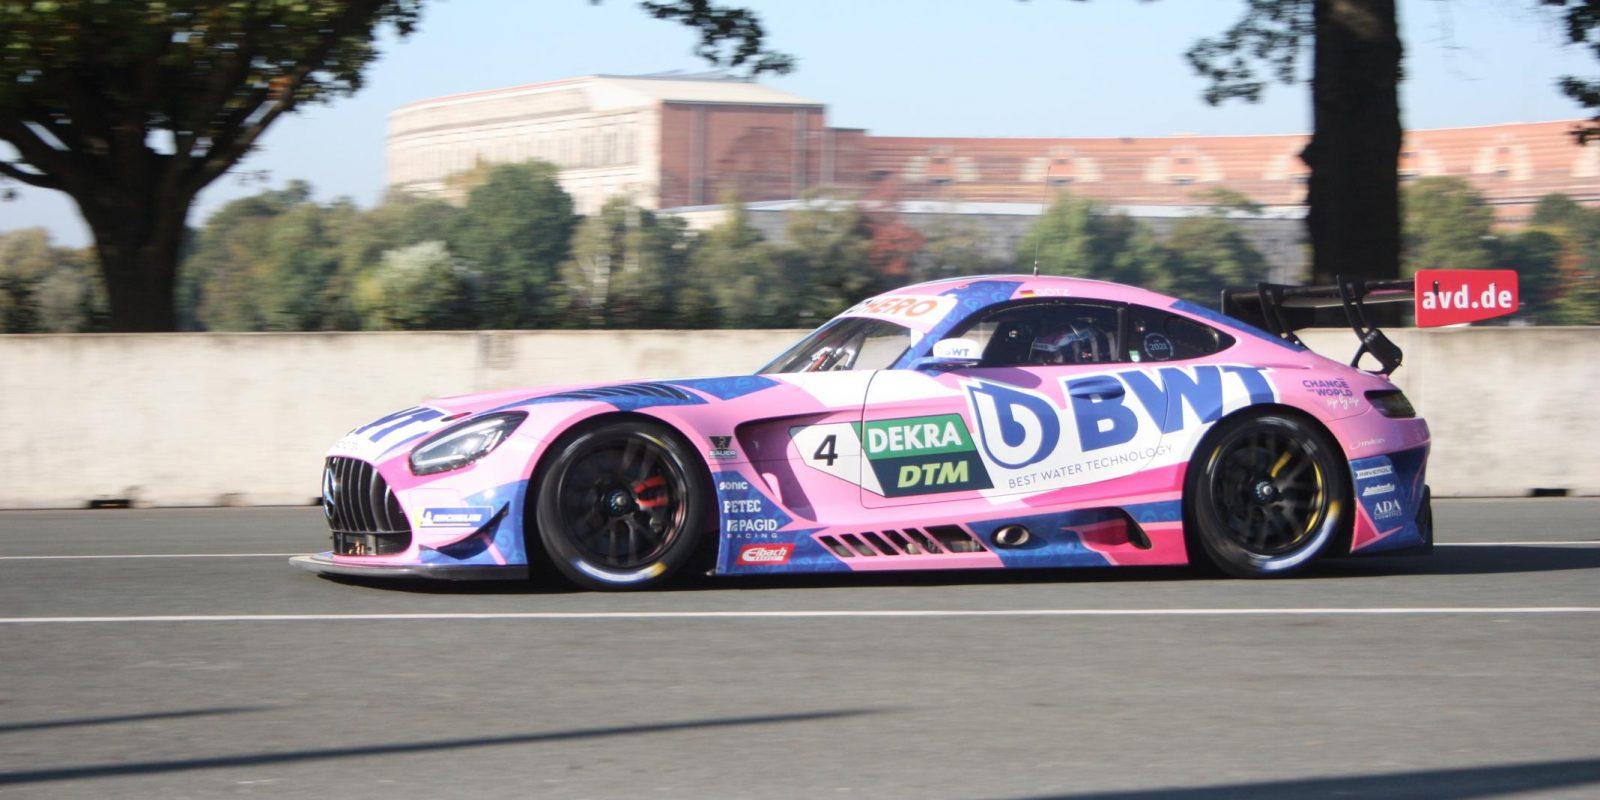 Finále DTM na Norisringu: Mercedesy jako Dampfwalzen